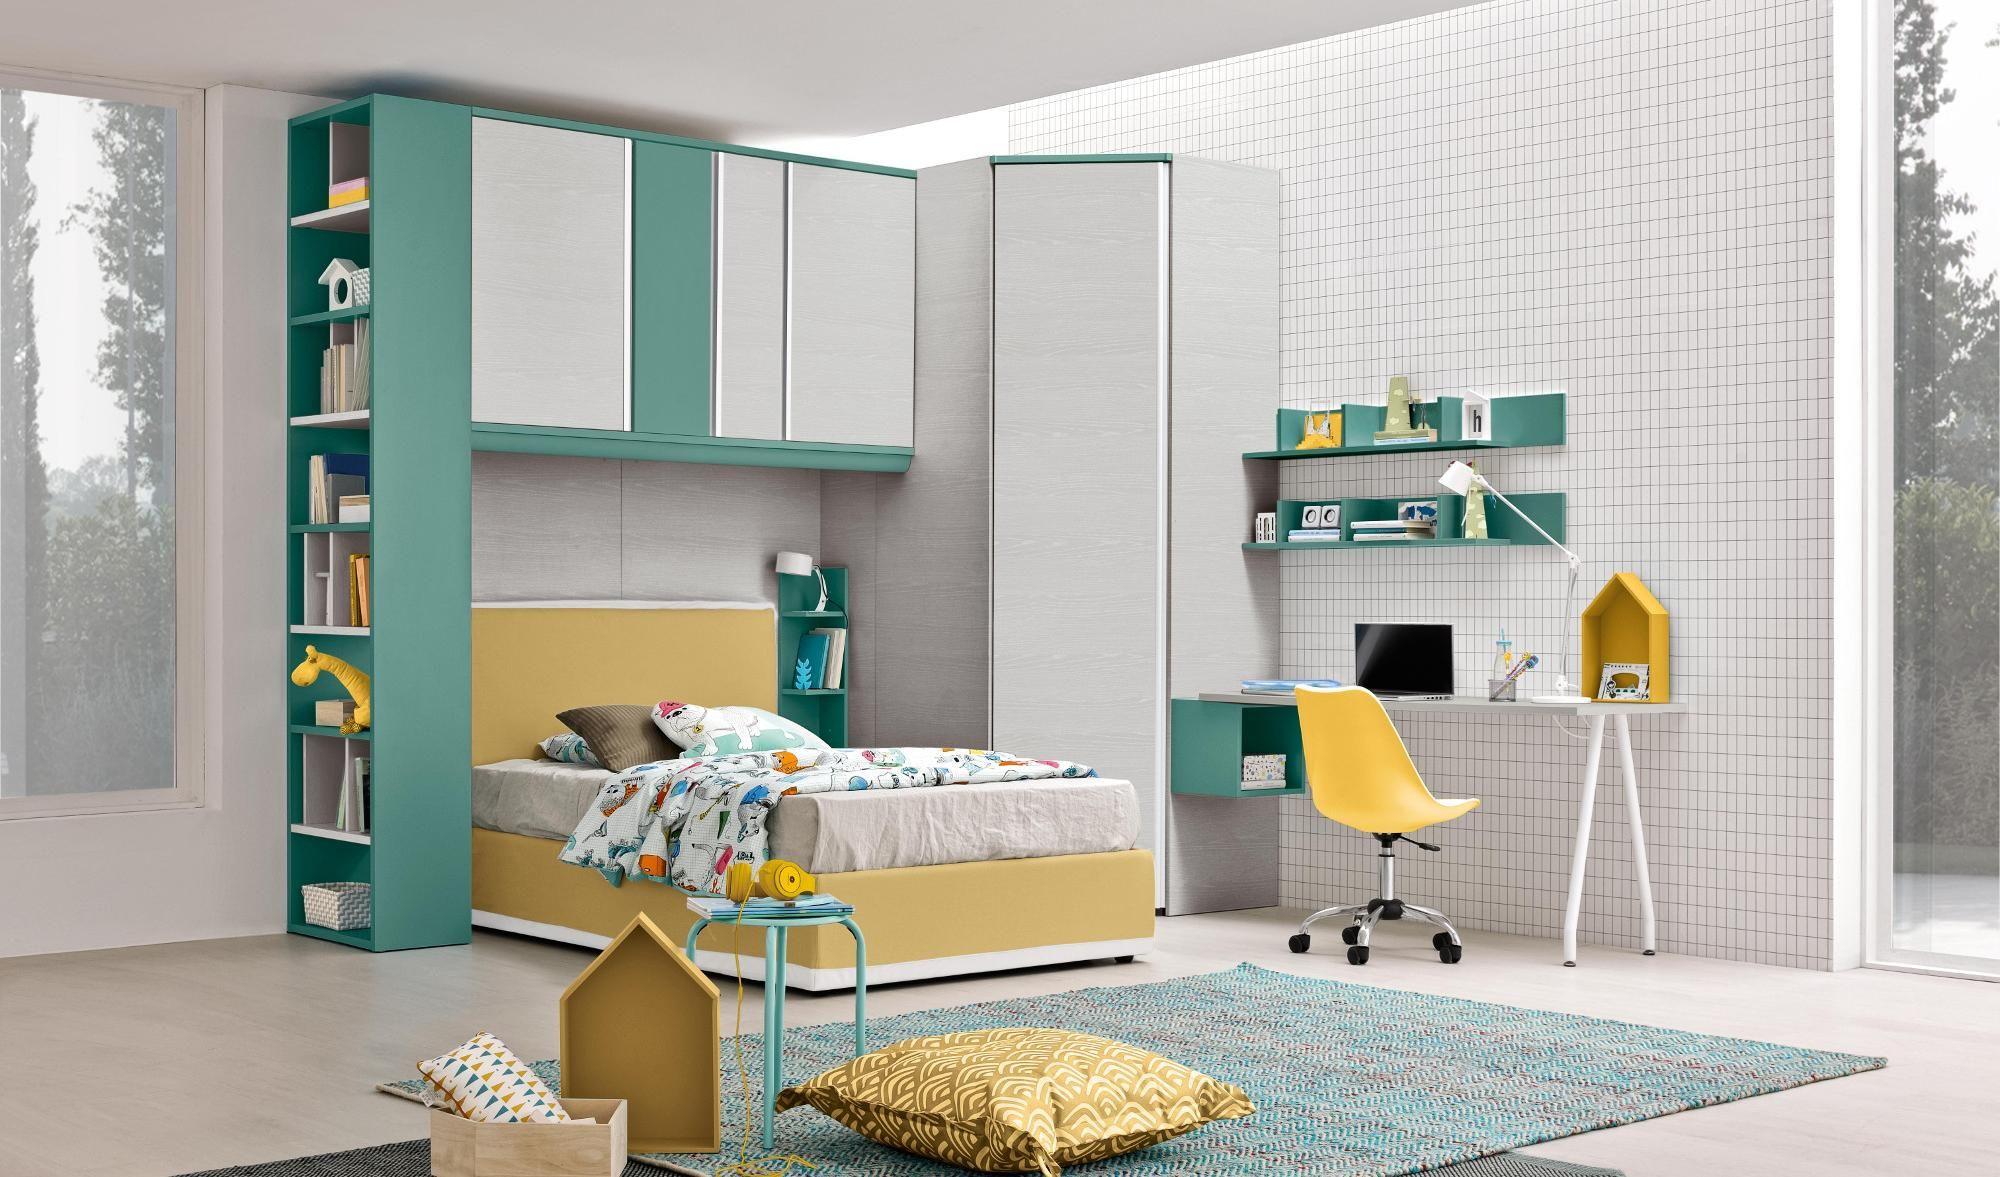 Arredo camere da letto per bambini e camerette per ragazzi ...